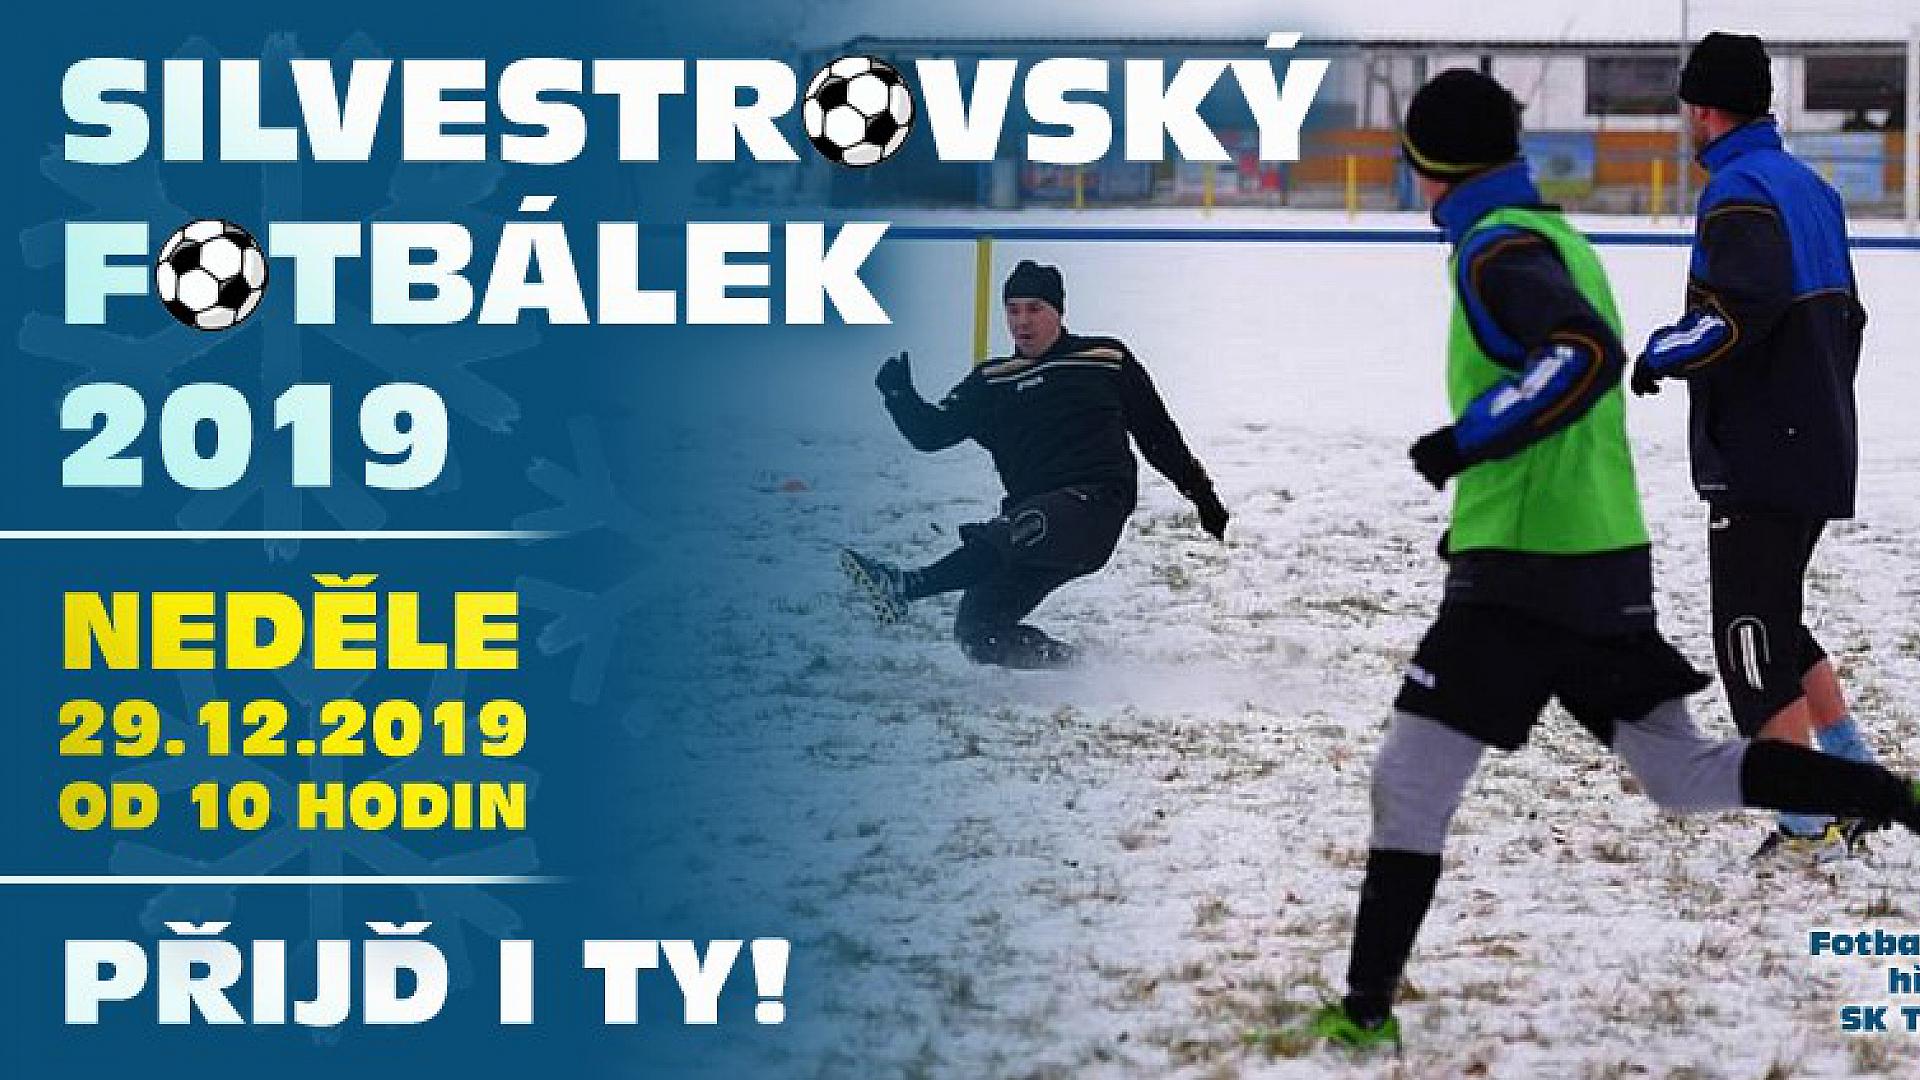 SK Tichá - Silvestrovský fotbálek 2019